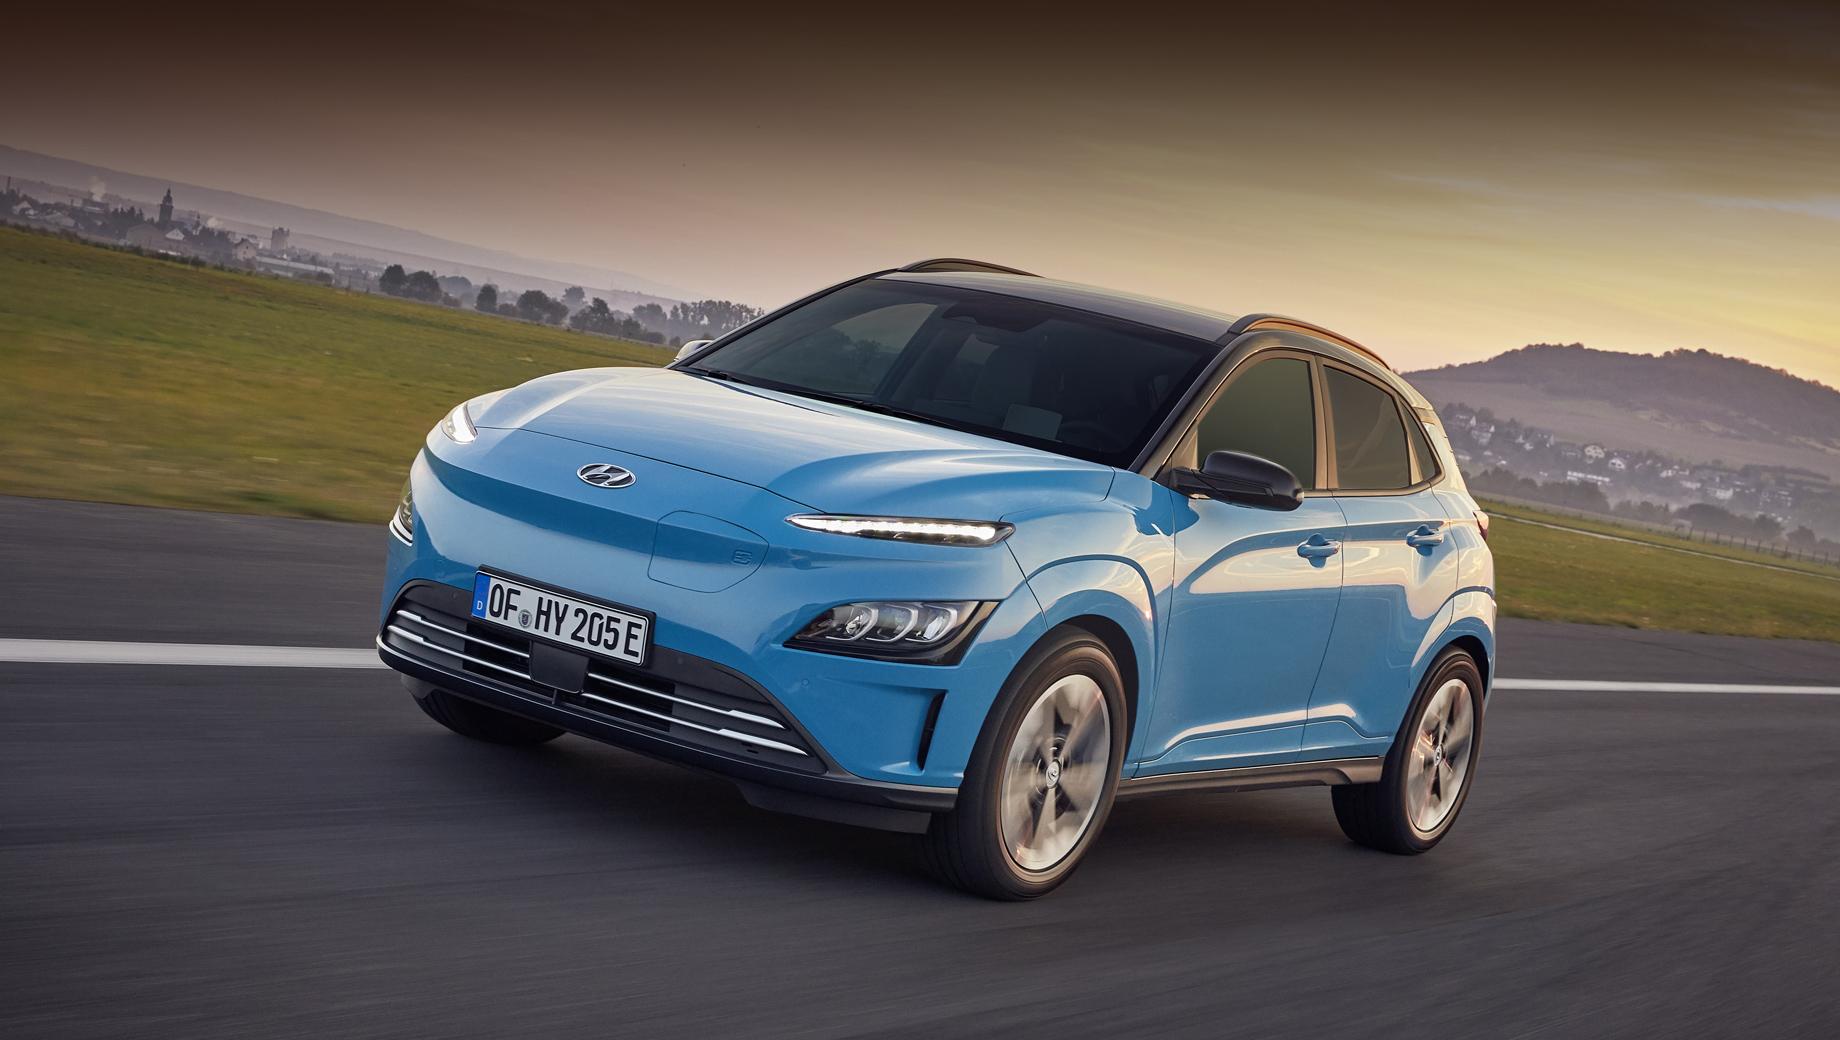 Hyundai kona electric,Hyundai veloster n etcr. Тут показана электрическая Kona после рестайлинга, проведённого для всех версий минувшей осенью. Есть две модификации: мощностью 136 сил (395 Н•м) с батареей 39,2 кВт•ч и запасом хода 305 км (WLTP) и 204 л.с., 64 кВт•ч, 484 км.